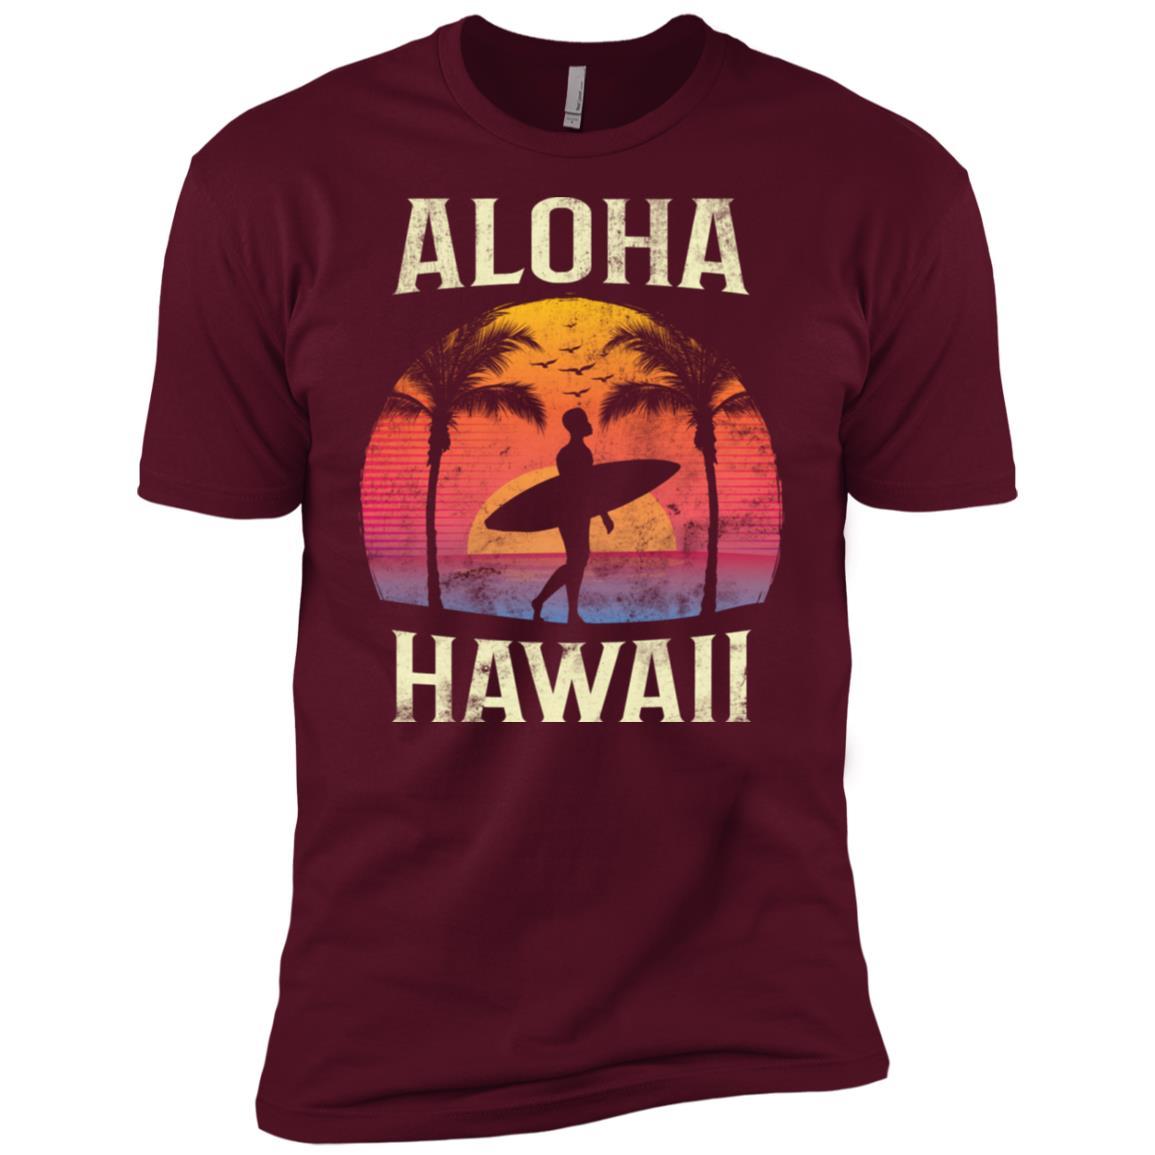 Aloha Hawaii Hawaiian Vintage Surfer Surf Gift Men's Short Sleeve Shirts